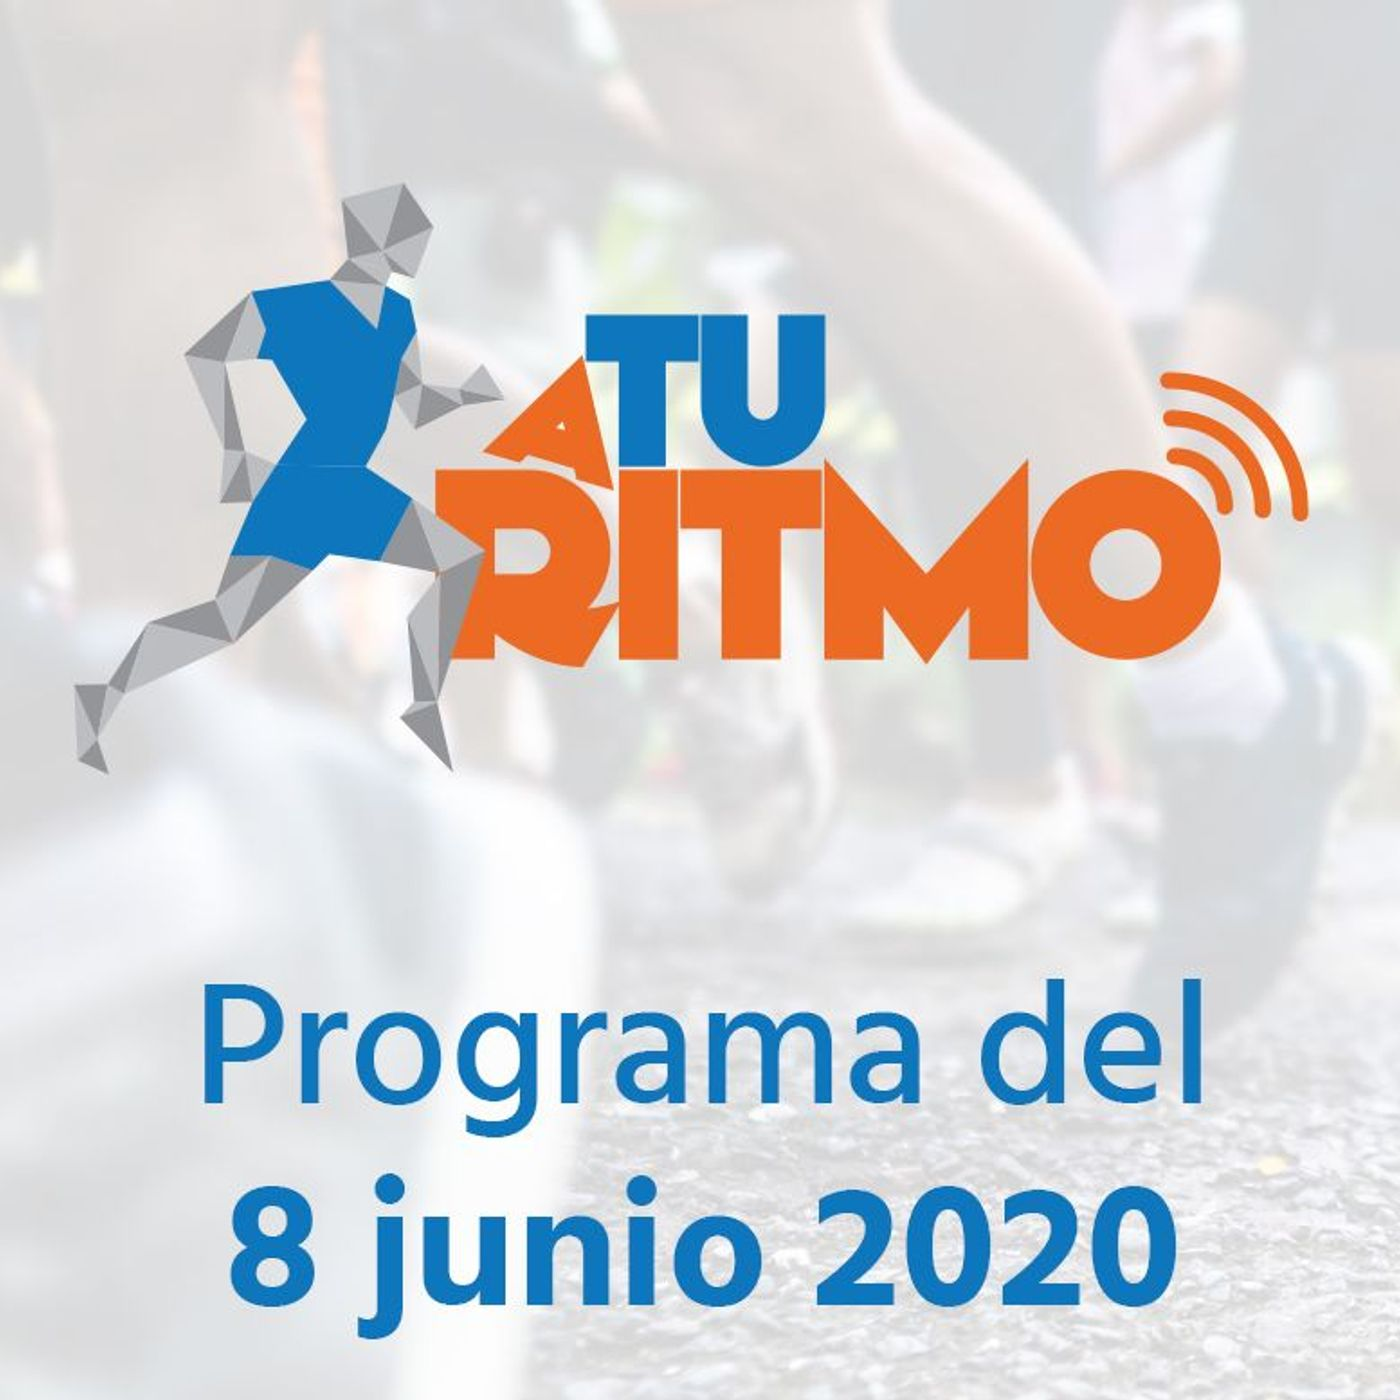 ATR 9x39 - Corre por el trasplante infantil, la guerra de la zapatillas y María Vasco